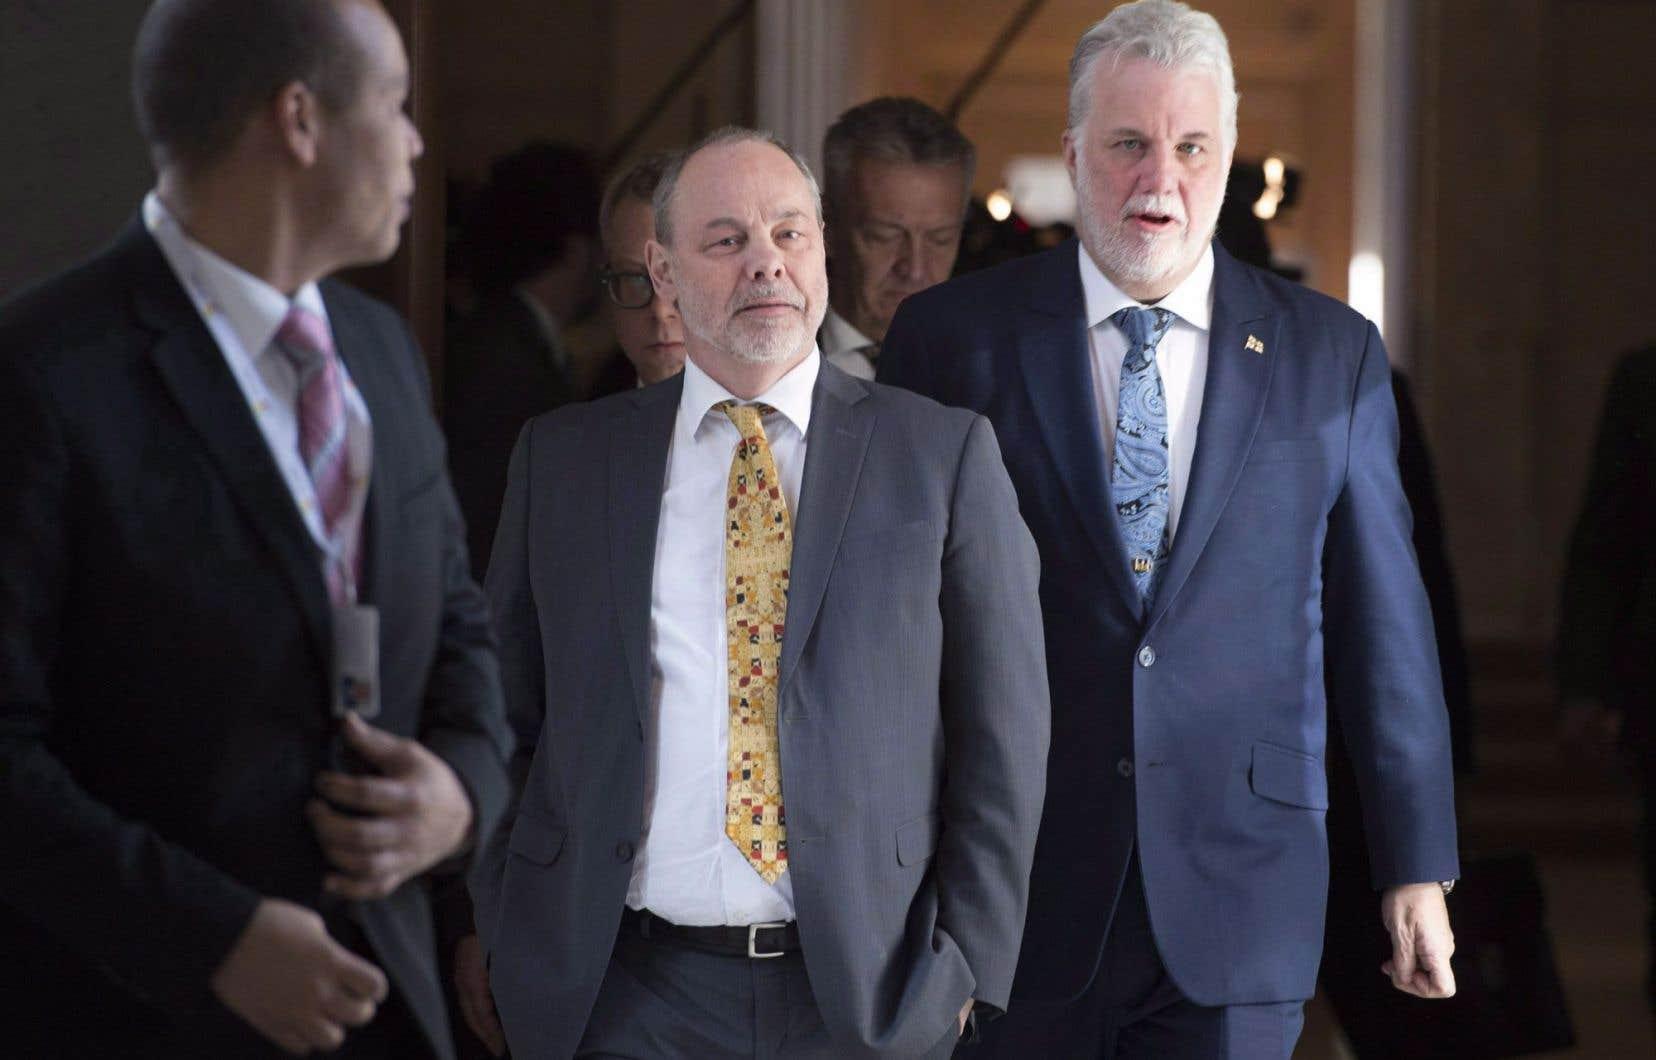 Le premier ministre Philippe Couillard (à droite), son ancien chef de cabinet Jean-Louis Dufresne (au centre) et son anciendirecteur des communications, Harold Fortin (à gauche)